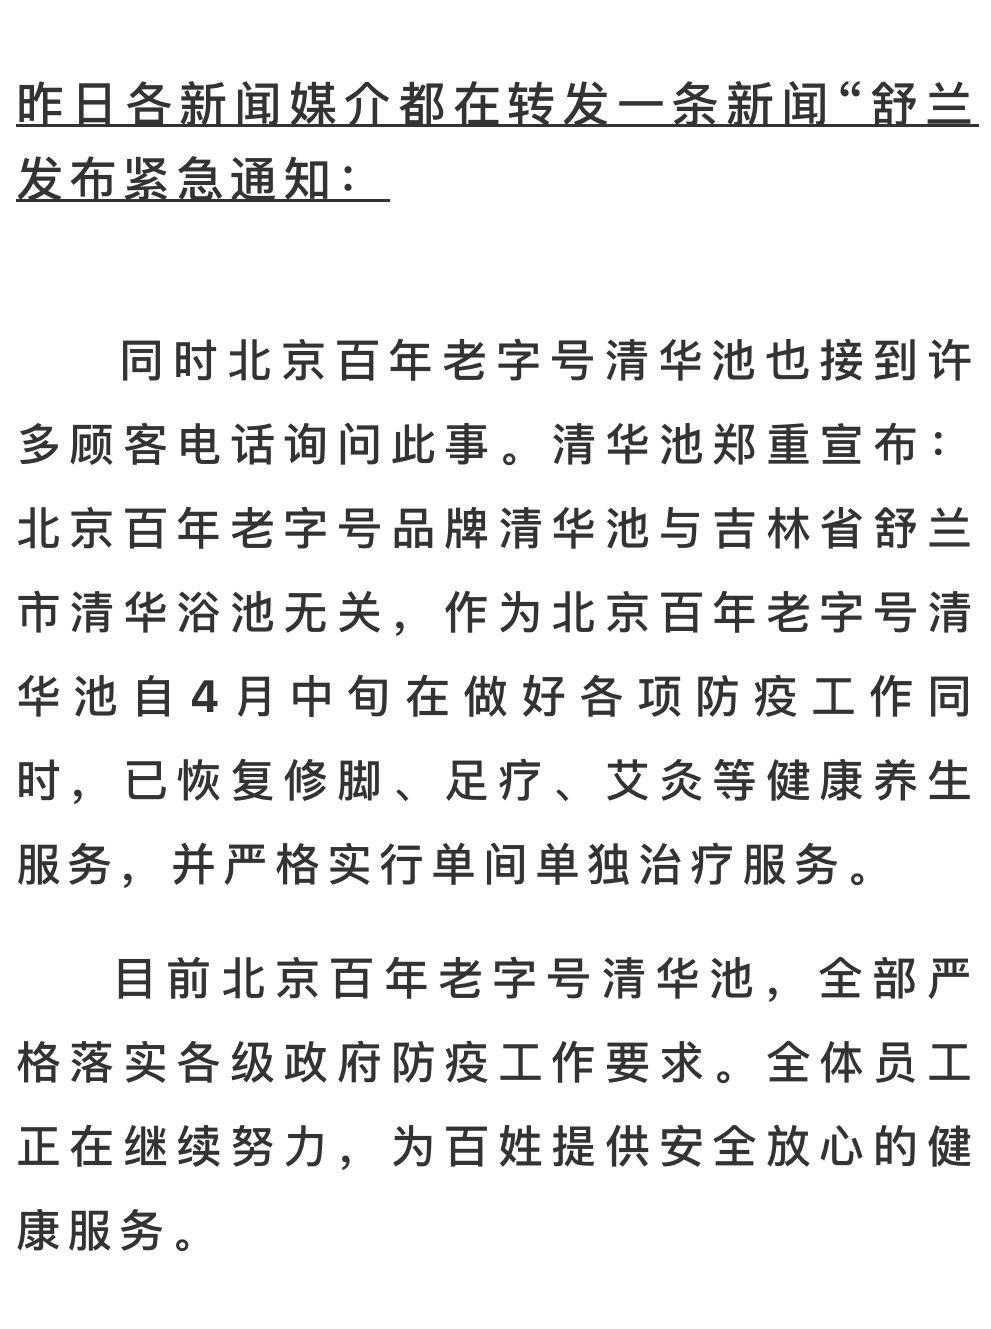 """北京老字号清华池澄清:与舒兰""""清华浴池""""无关图片"""